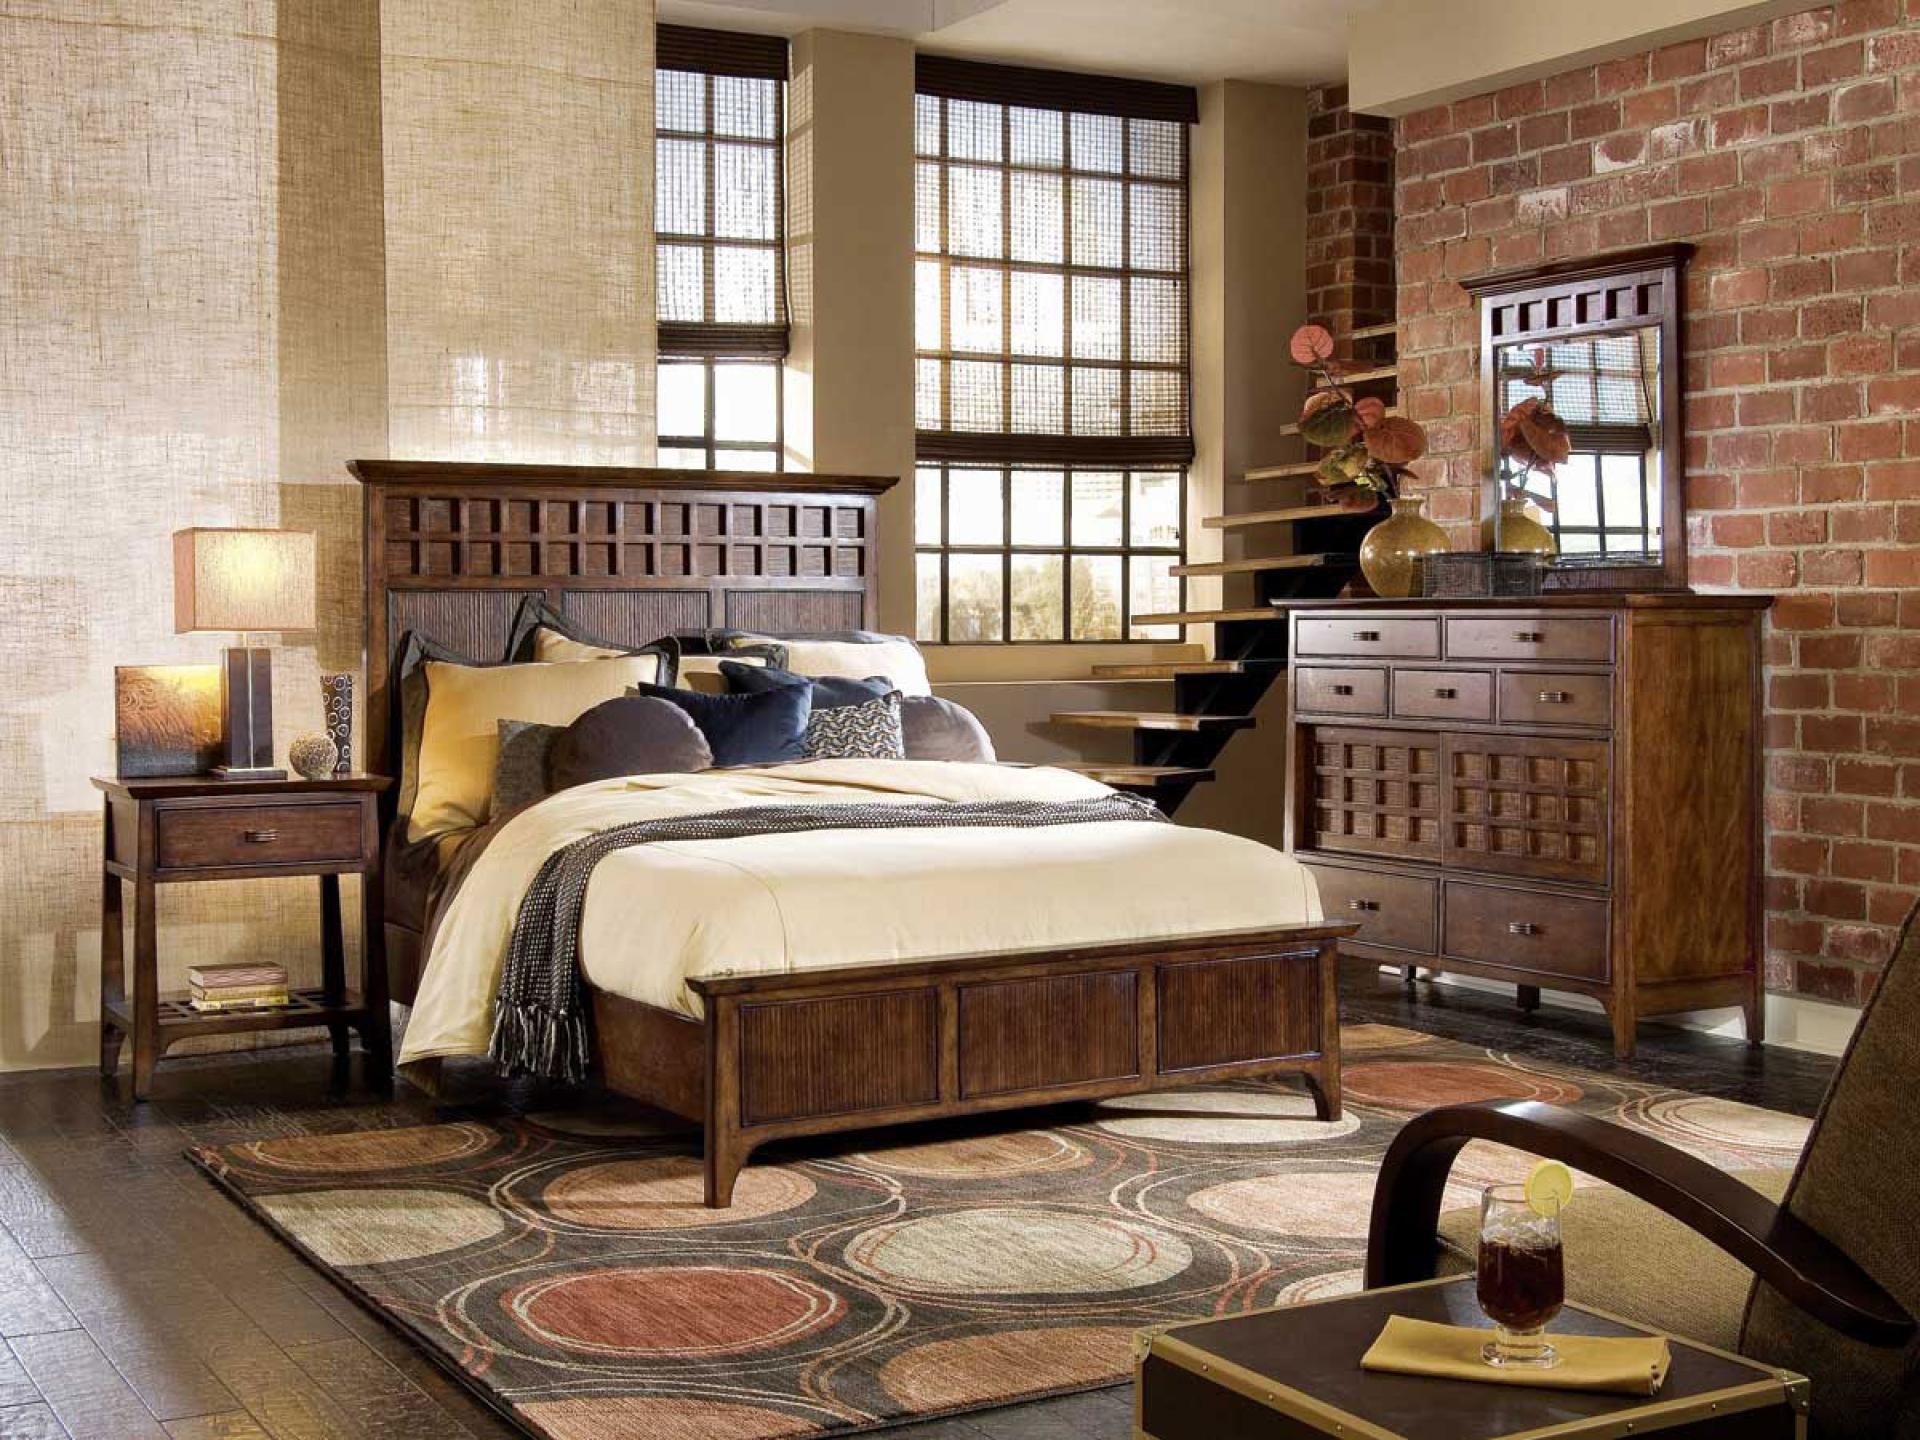 Thiết kế phòng ngủ mang hơi hướng Vintage - Thiết Kế Nội Thất